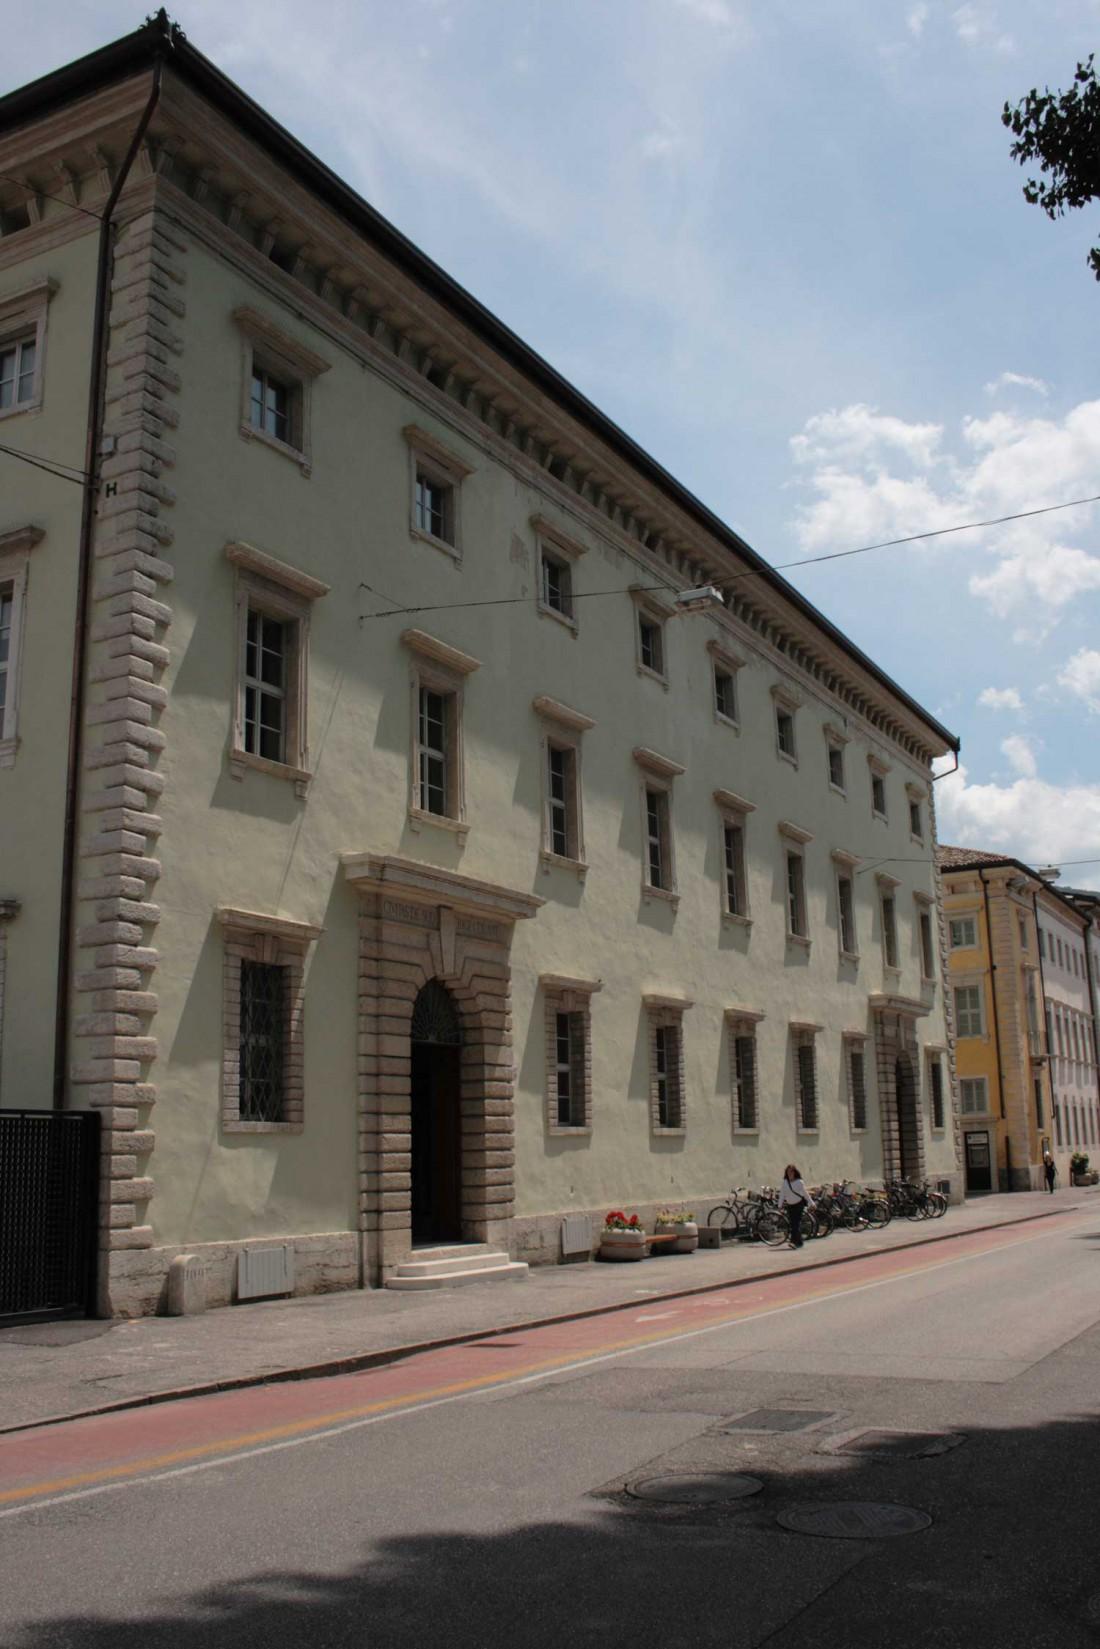 Palazzo-Annona-05-visitrovereto